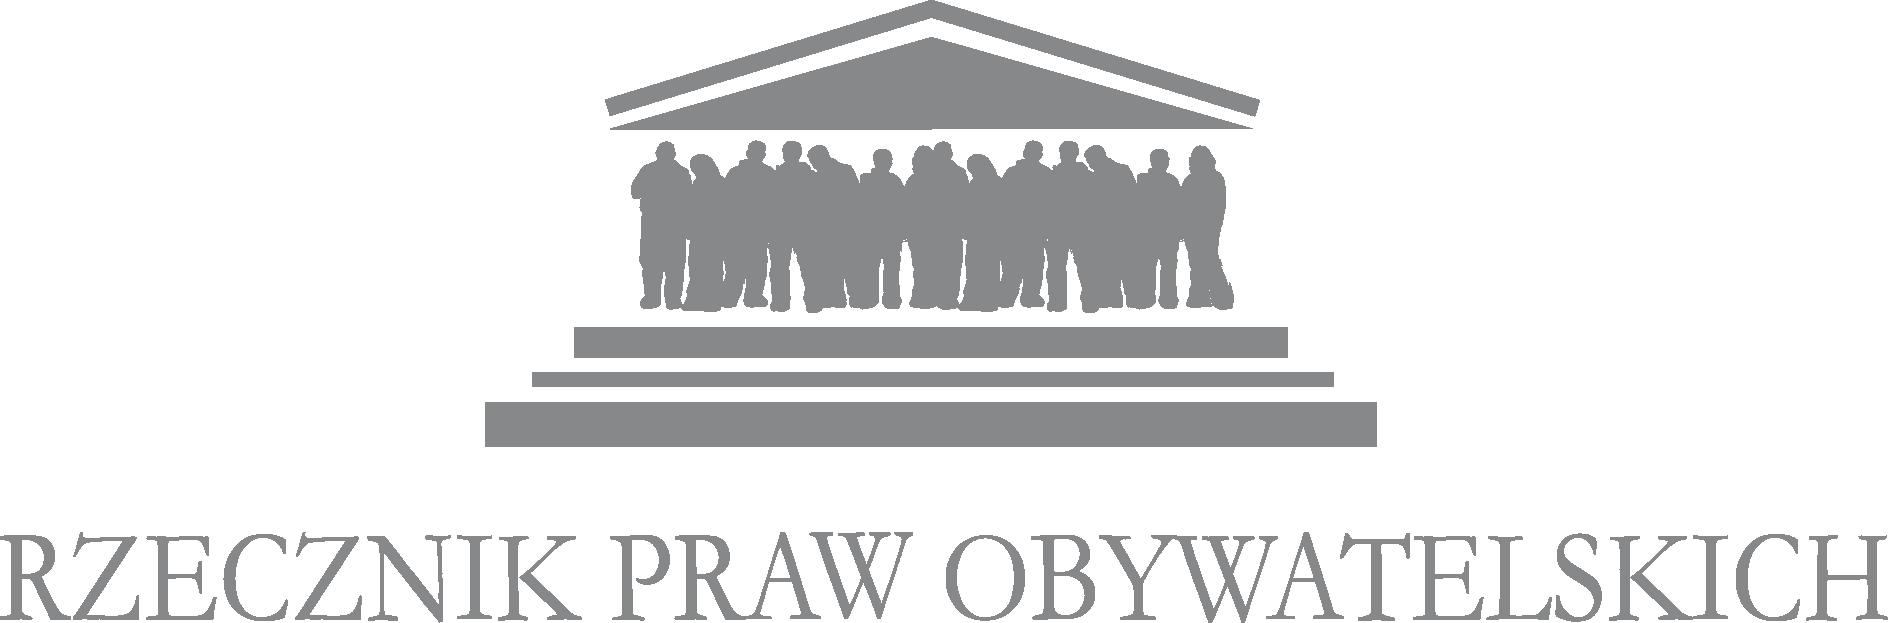 Logo Rzecznika Praw Obywatelskich. Widać Dach którego filarami są ludzie a pod nimi widoczne są schody